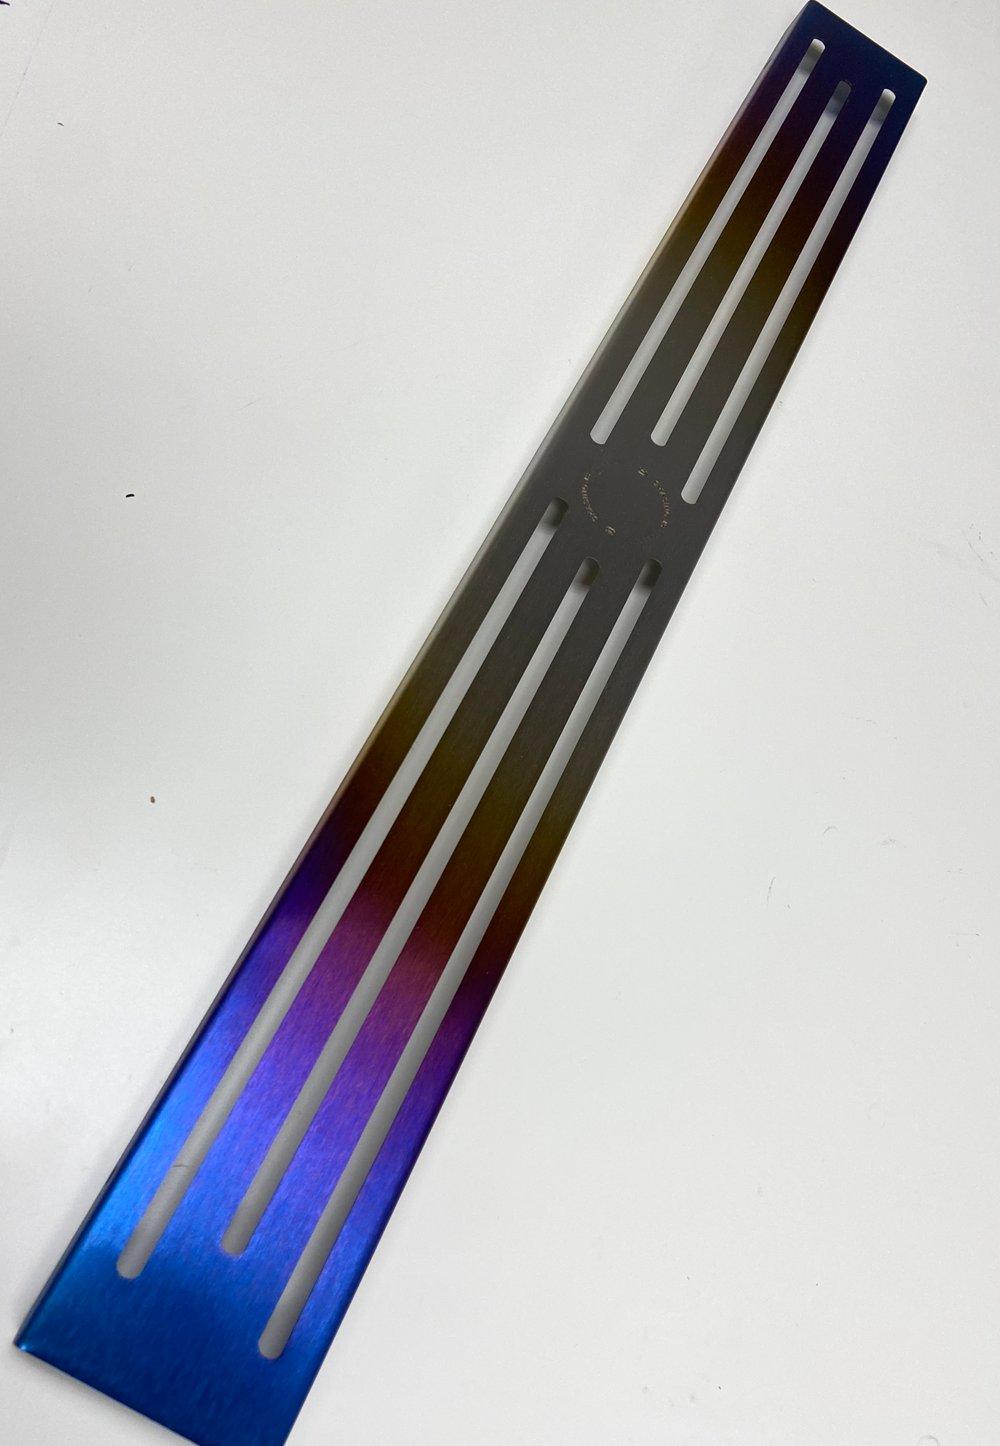 S2000 Titanium Front Cross member cover.